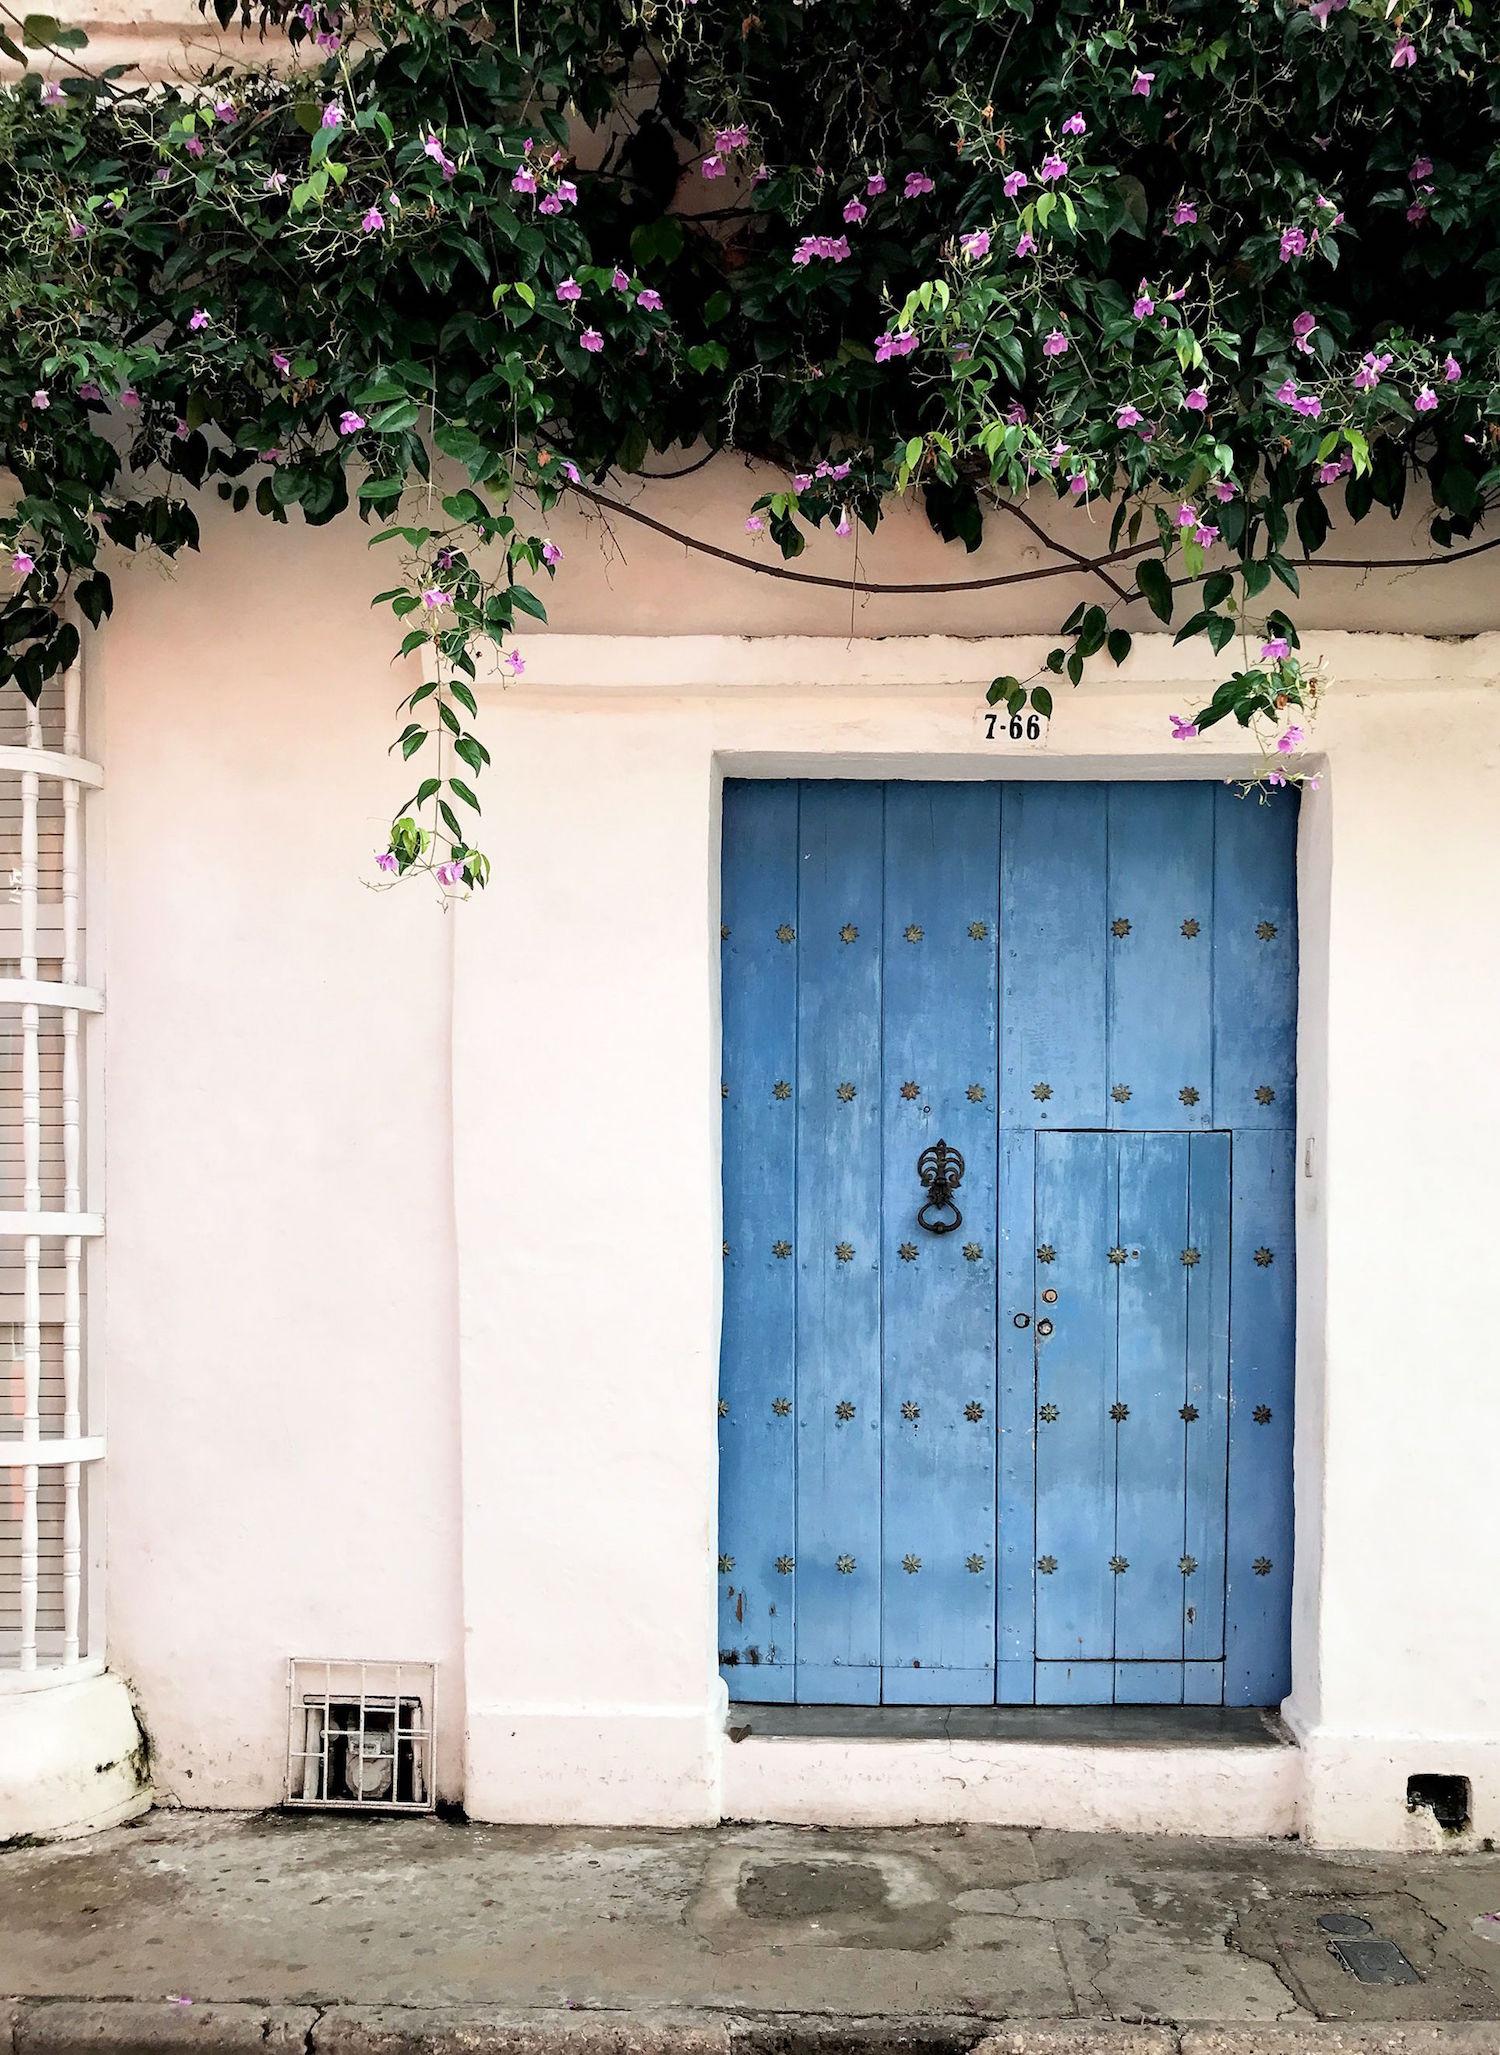 blue door and door knocker in Cartagena, Colombia | pictures of Cartagena, Colombia